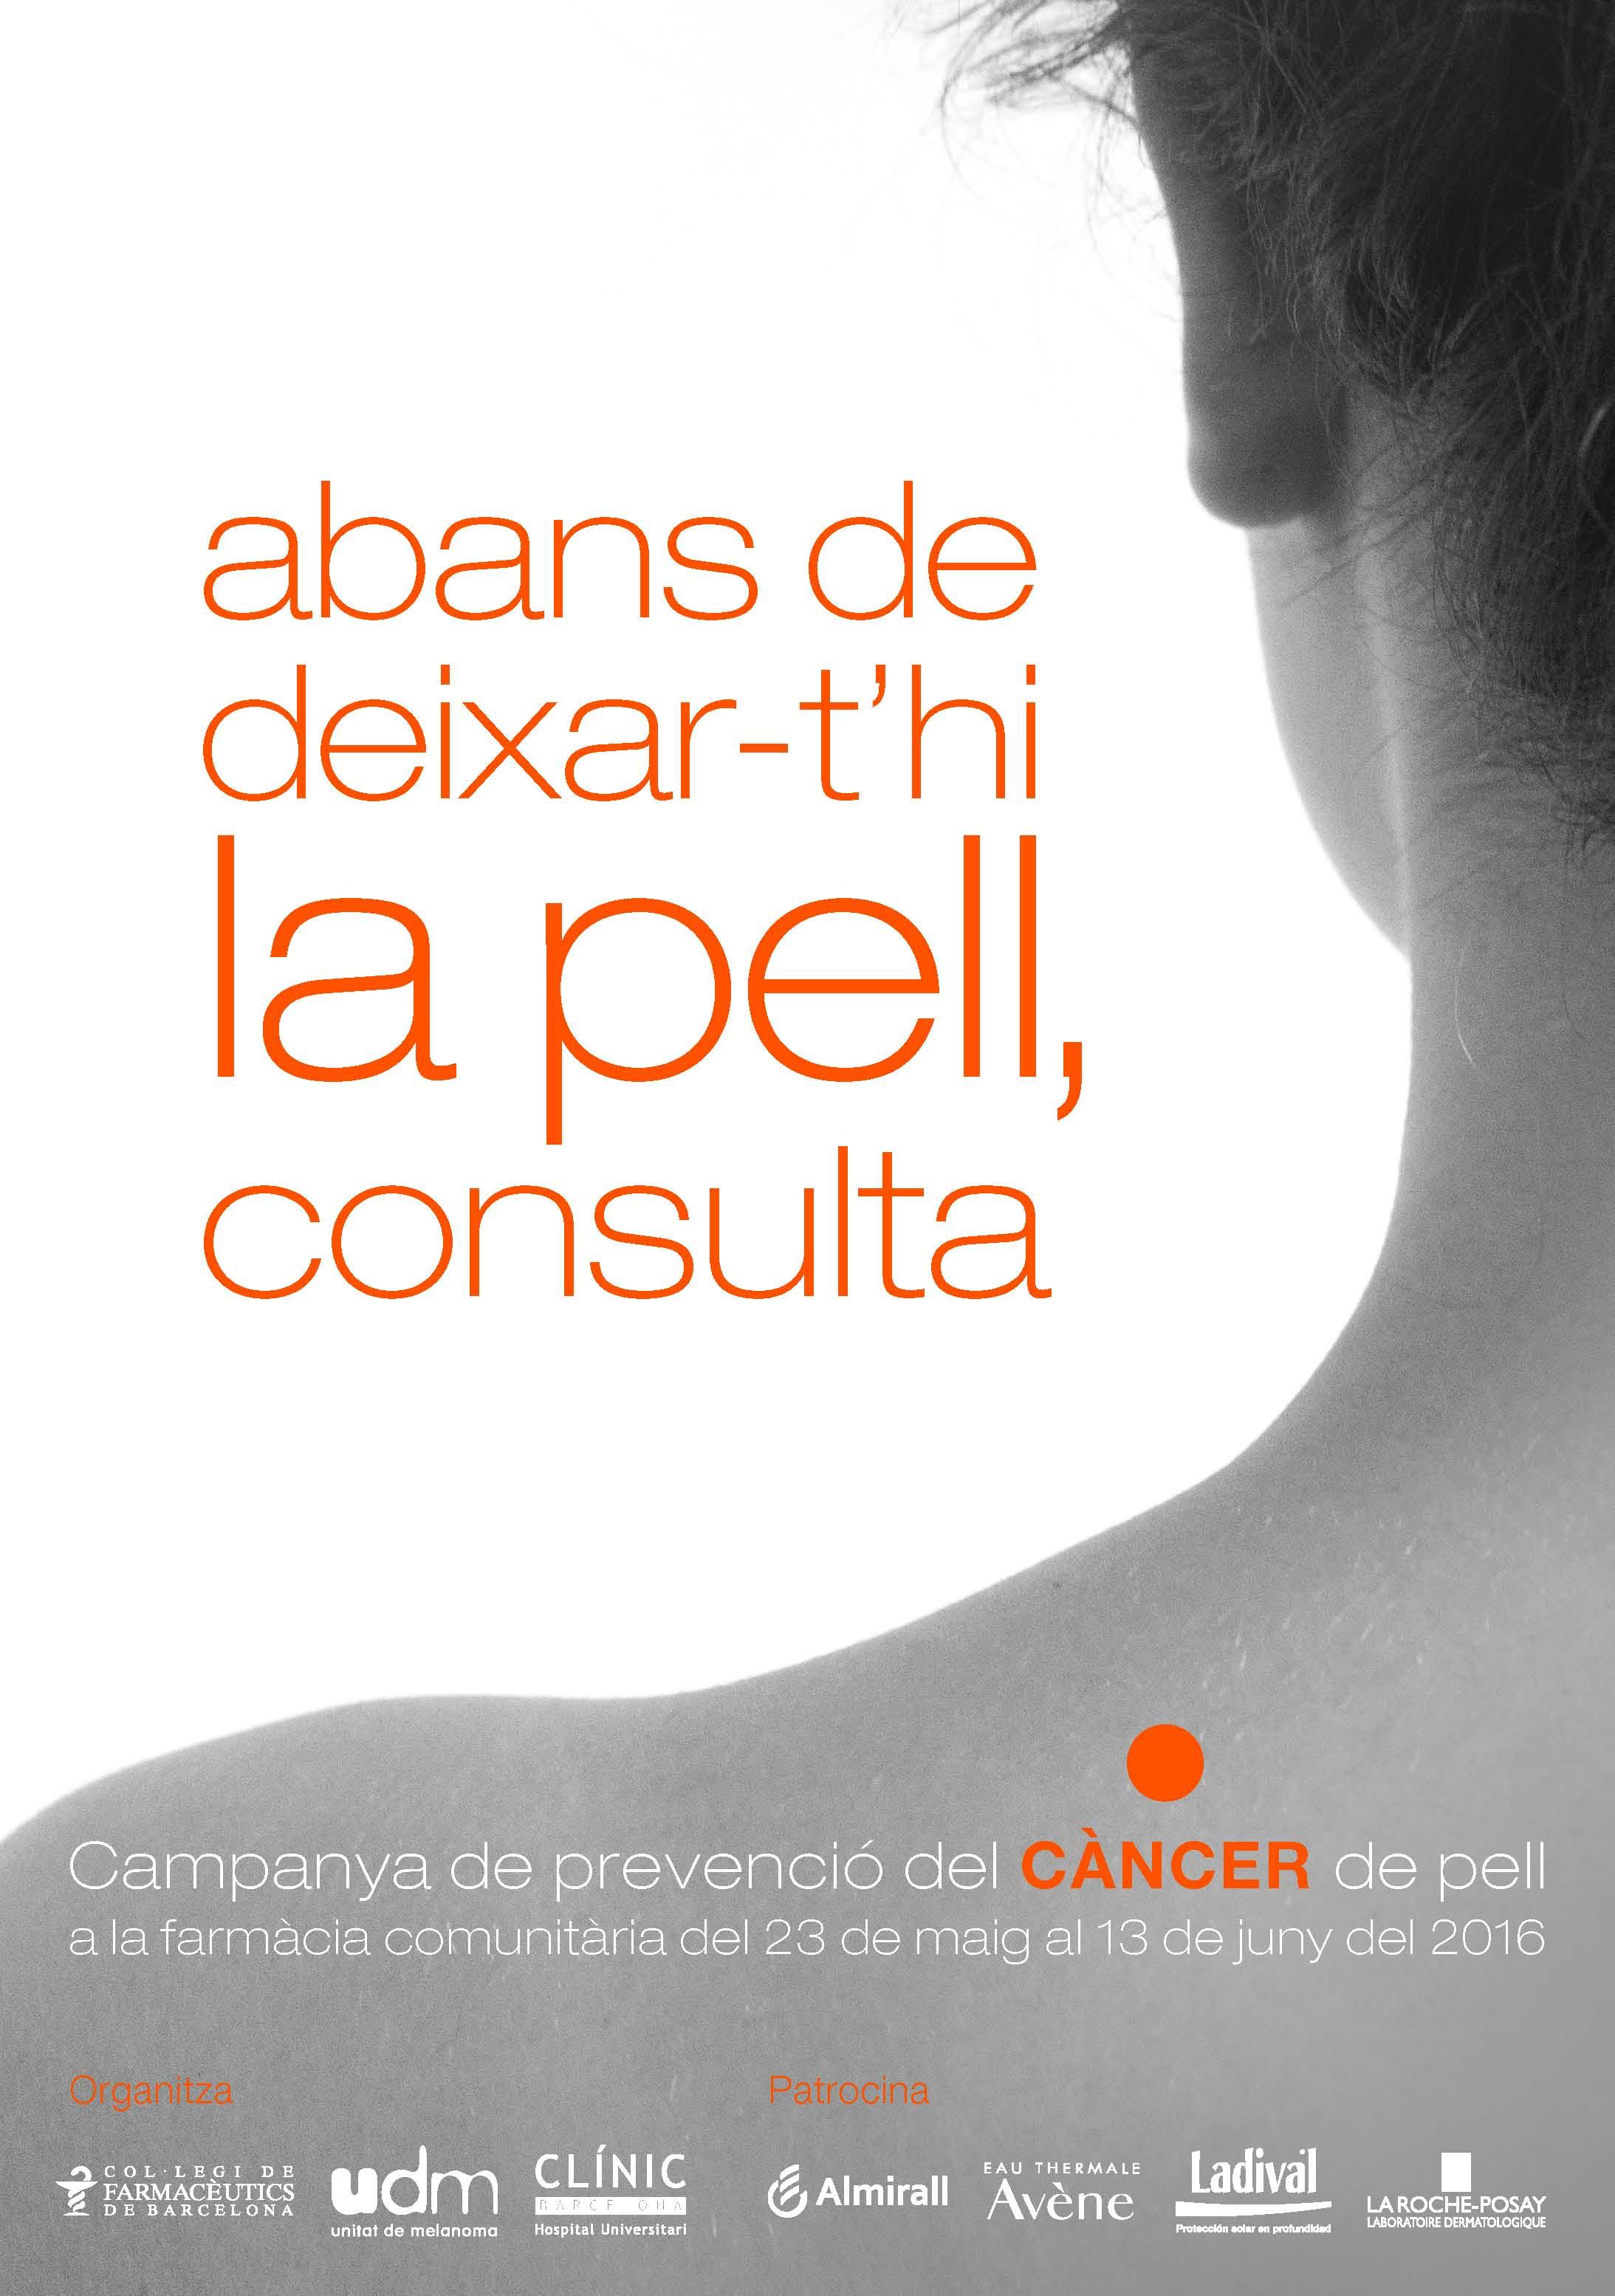 campanya-de-prevenció-del-càncer-de-pell-a-les-farmàcies